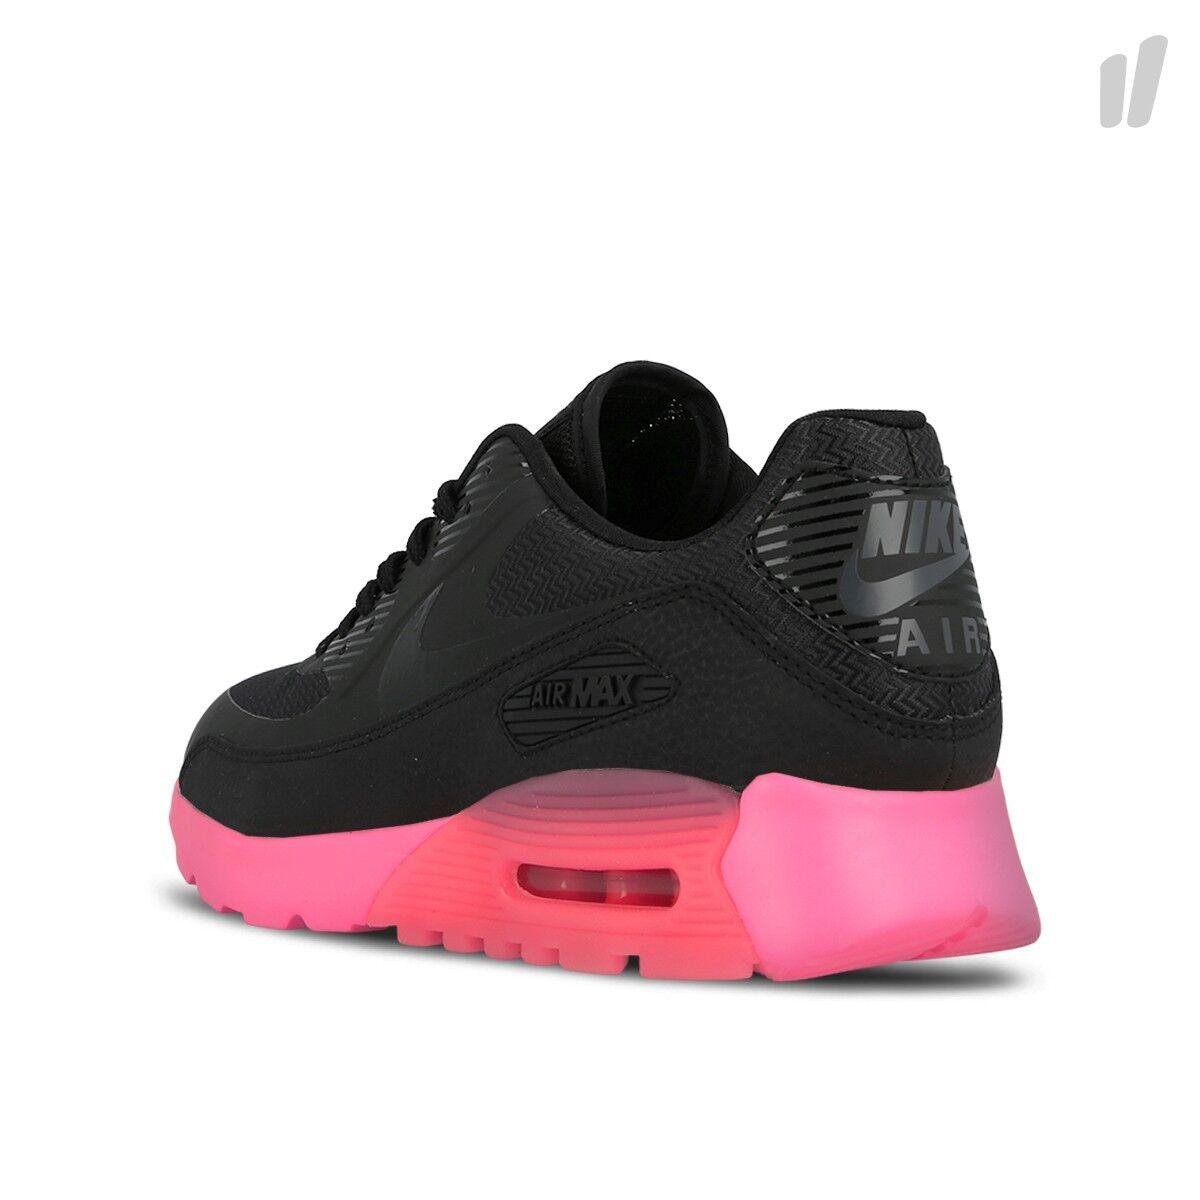 nike air max 90 - weißen digital - rosa - weißen - 845110-001 schwarz / schwarz wmn sz 6,5 ca302e